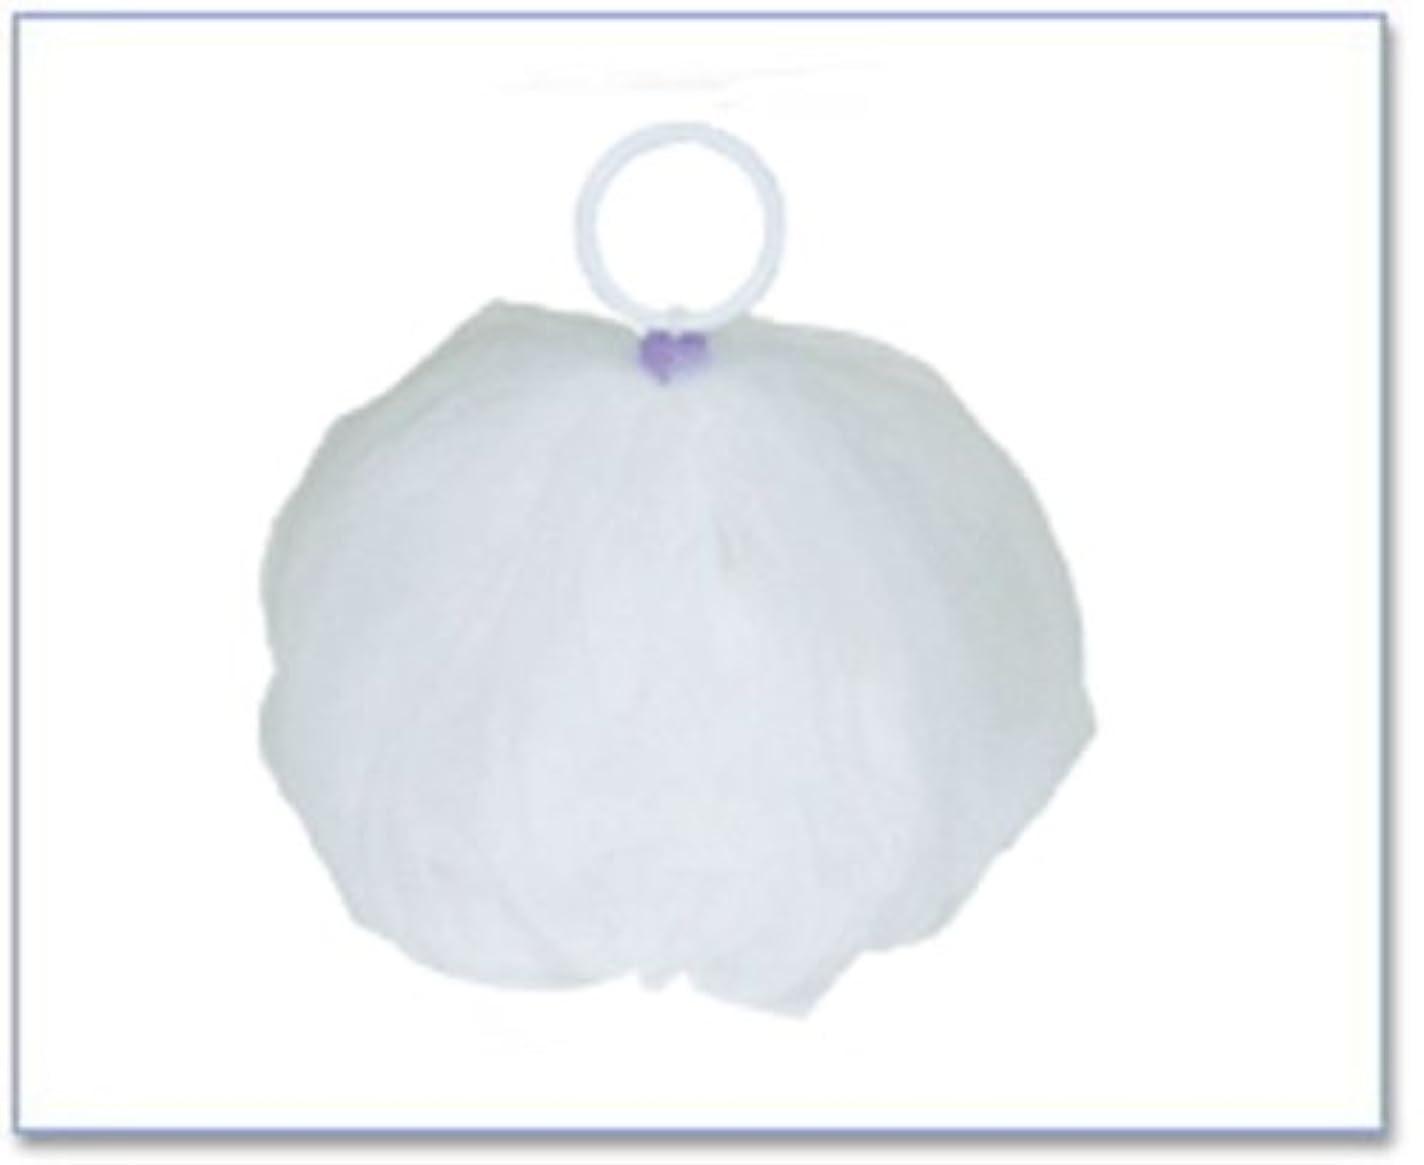 フェンス鎮痛剤食堂CAC化粧品(シーエーシー) 泡立てネット(ボールタイプ)